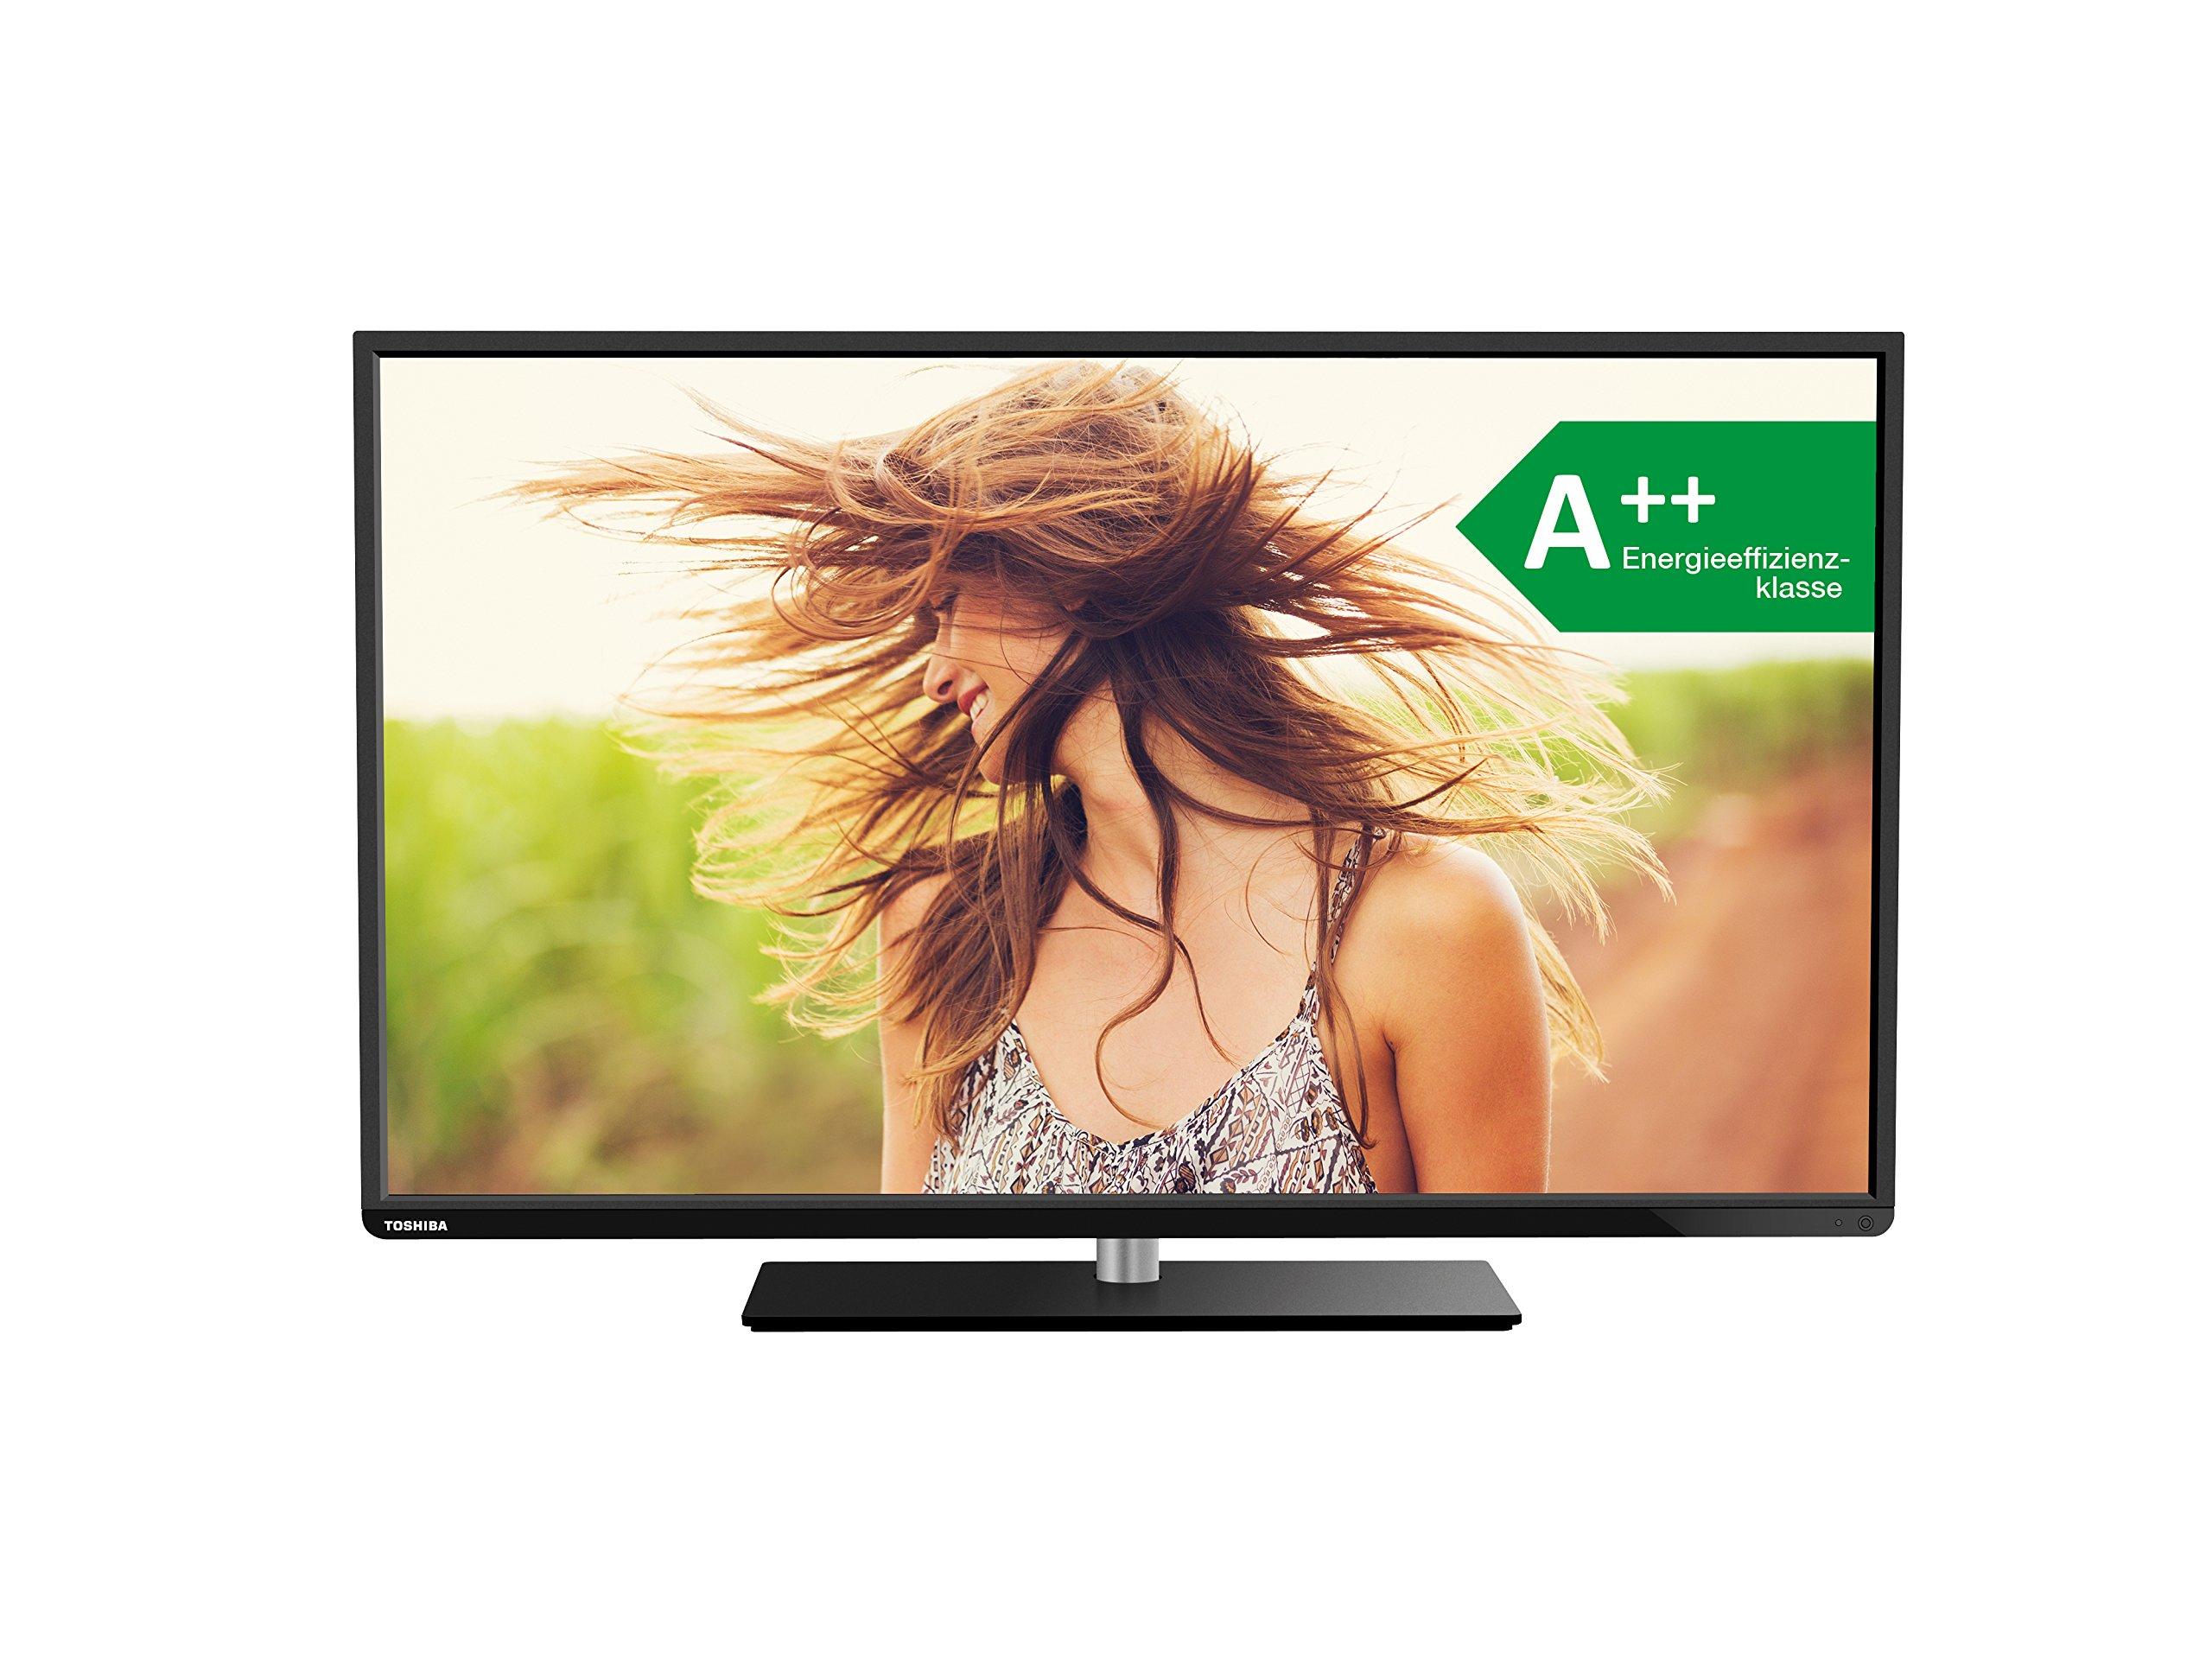 Toshiba 48L1443DG LED TV - Televisor (121,92 cm (48